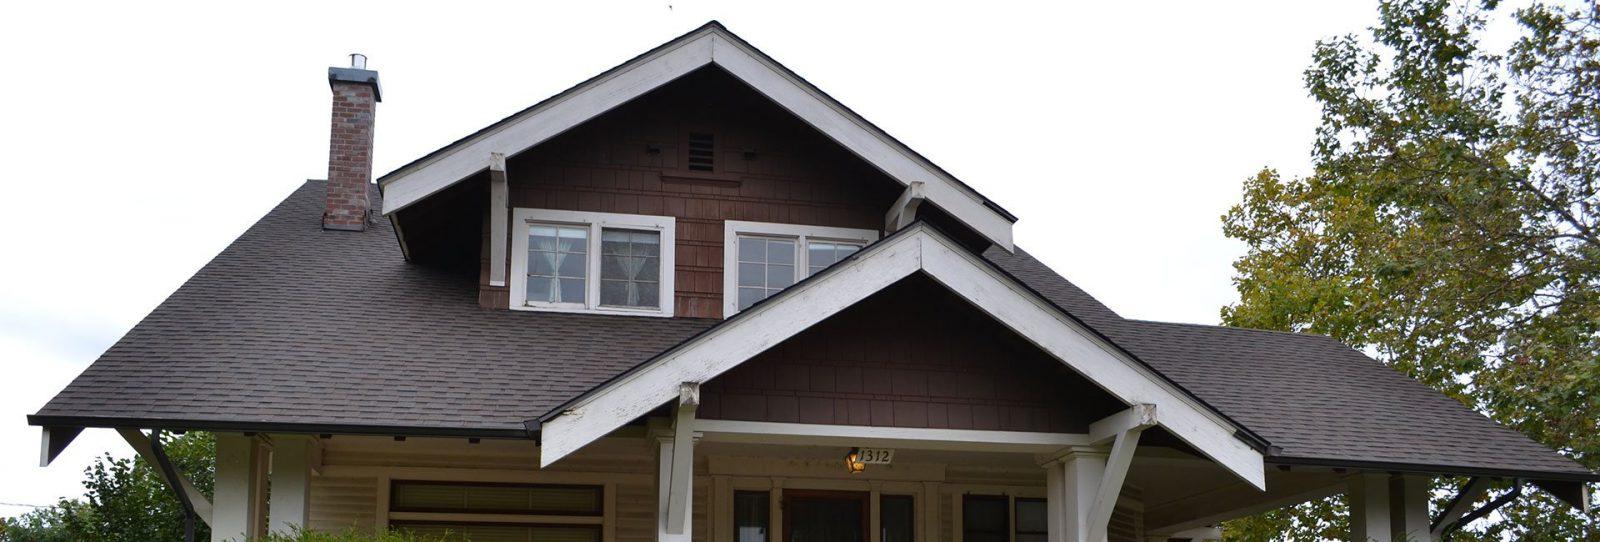 sezor-roof-repair